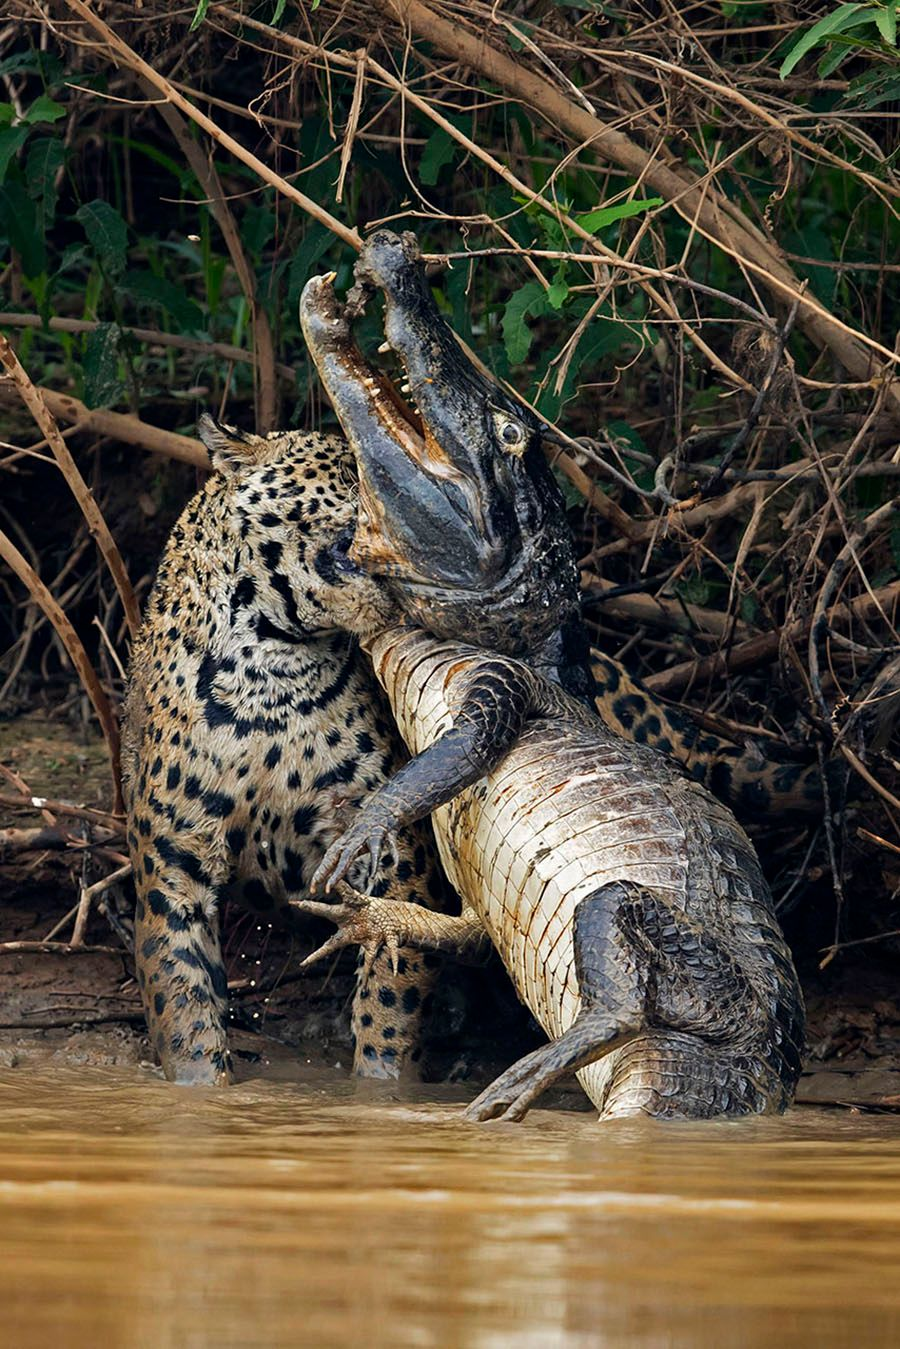 jaguarsfrontpage03.JPG